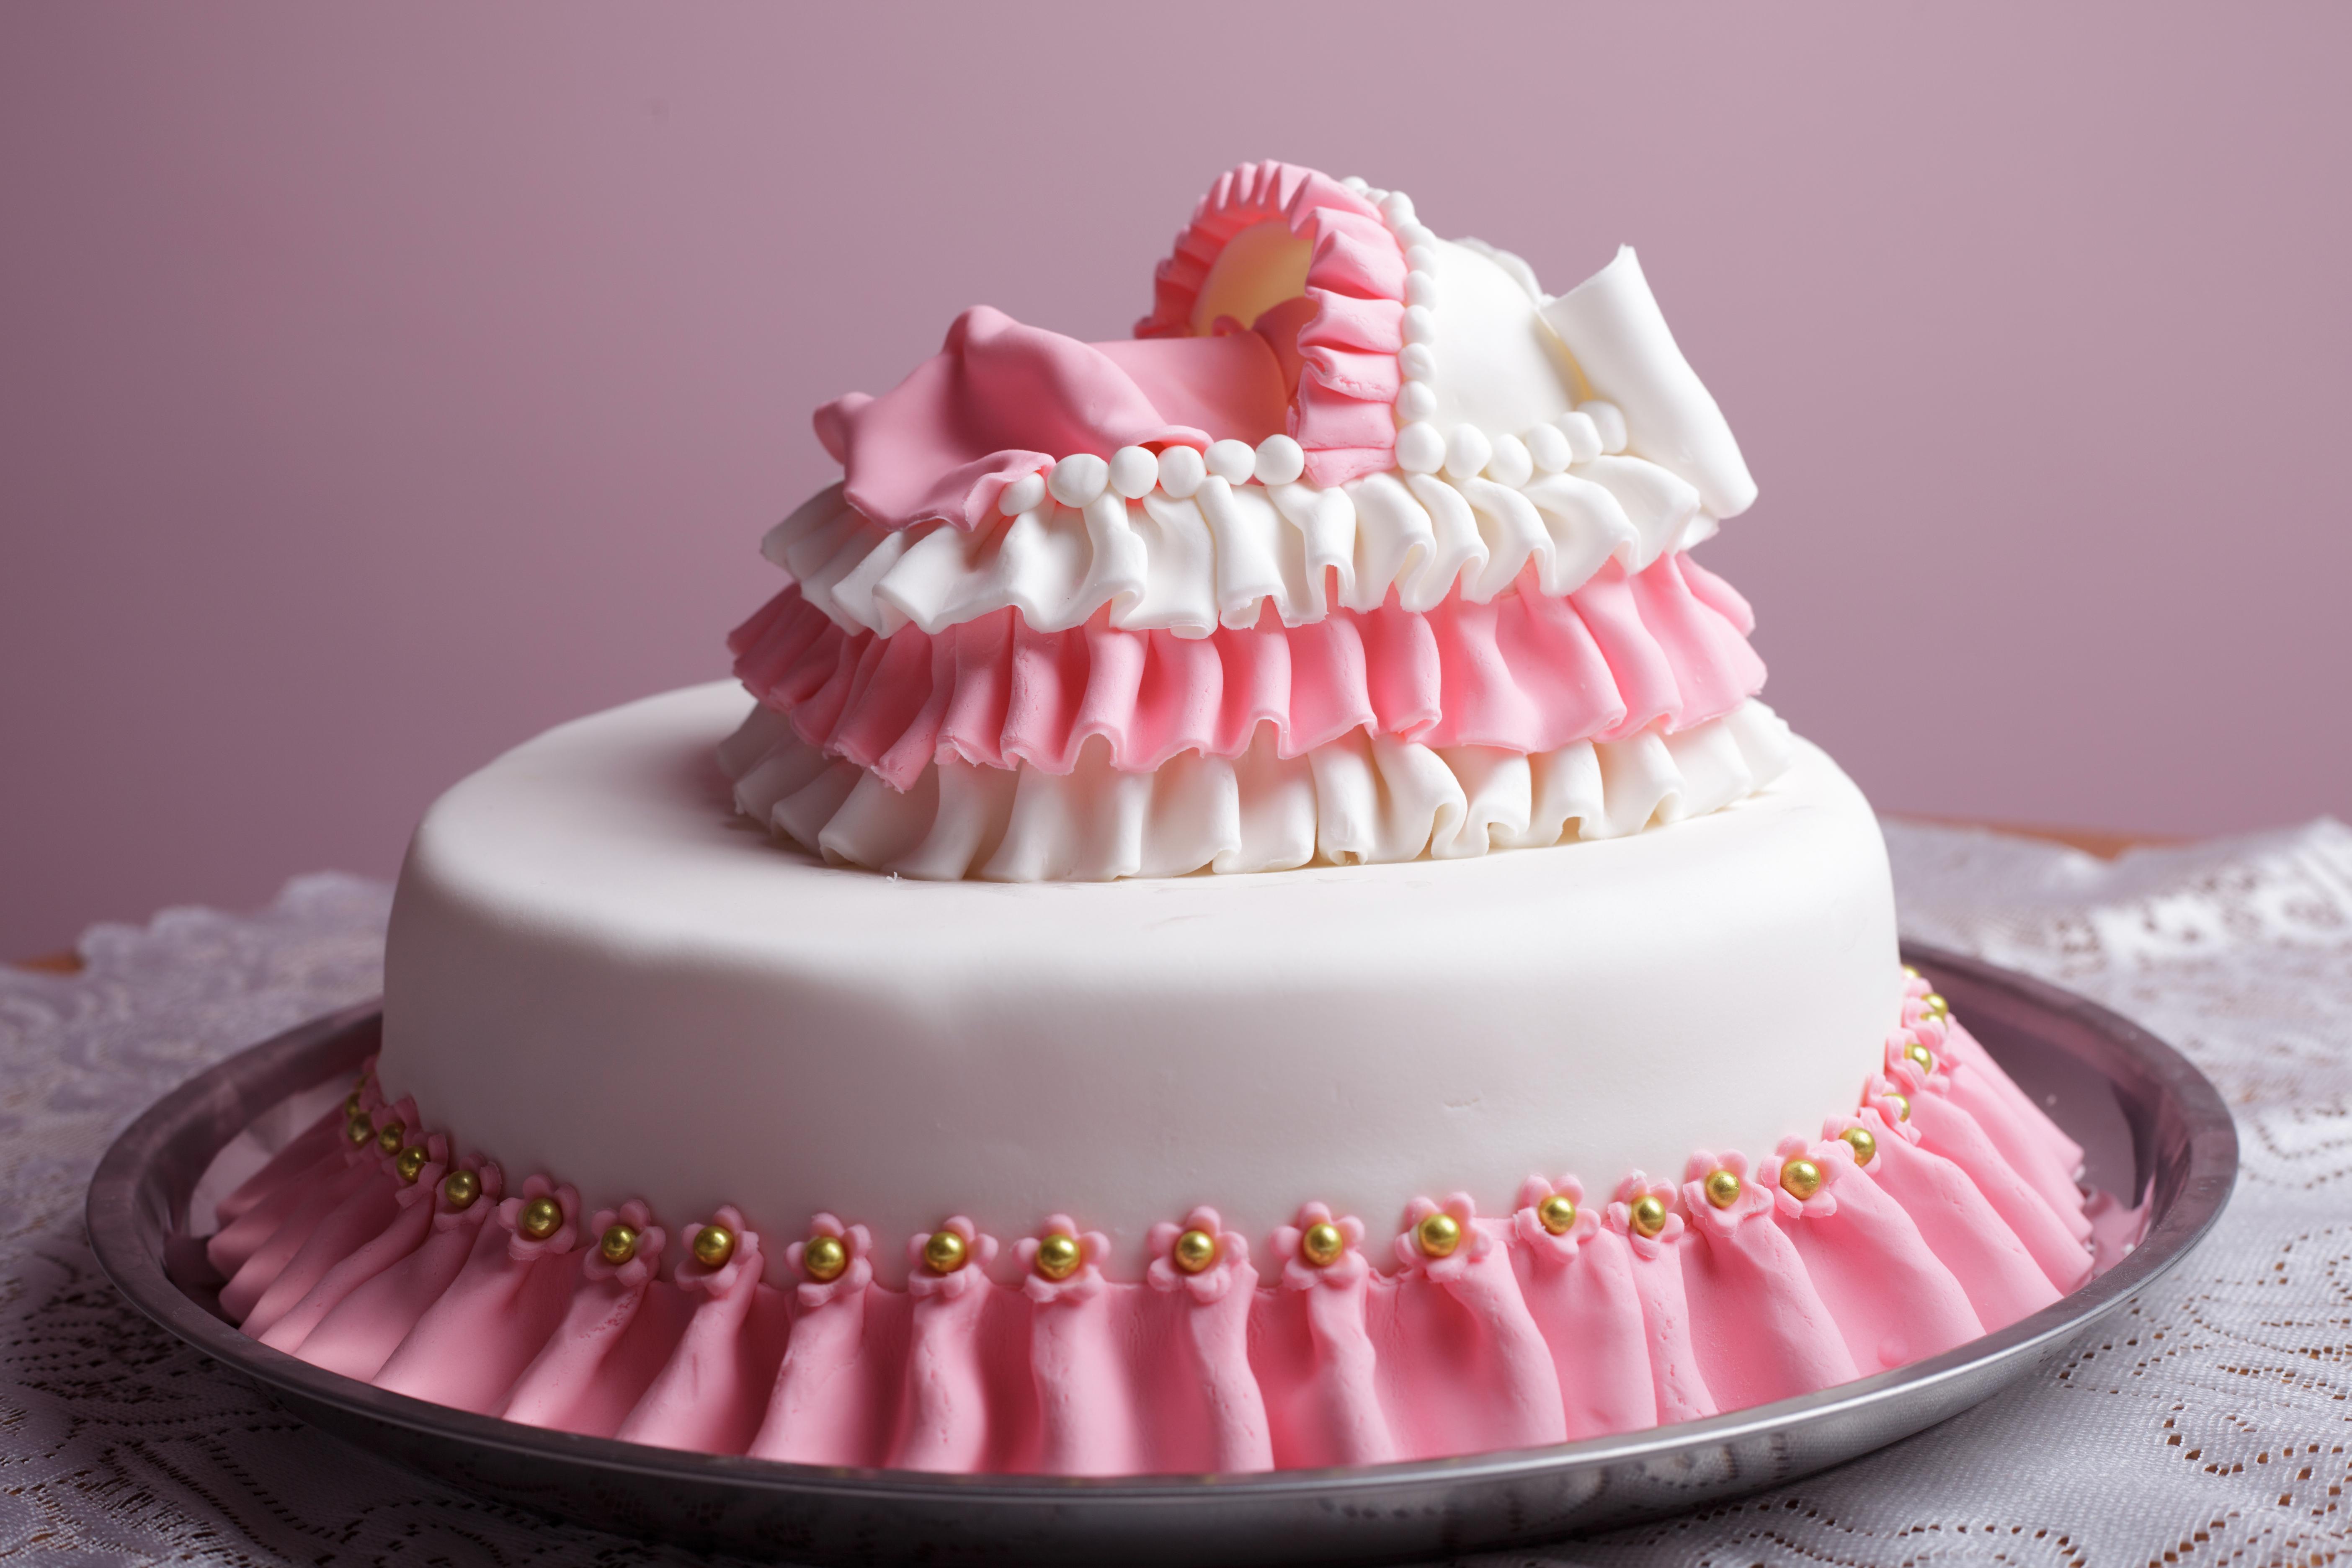 Картинки когда изготовлены торты